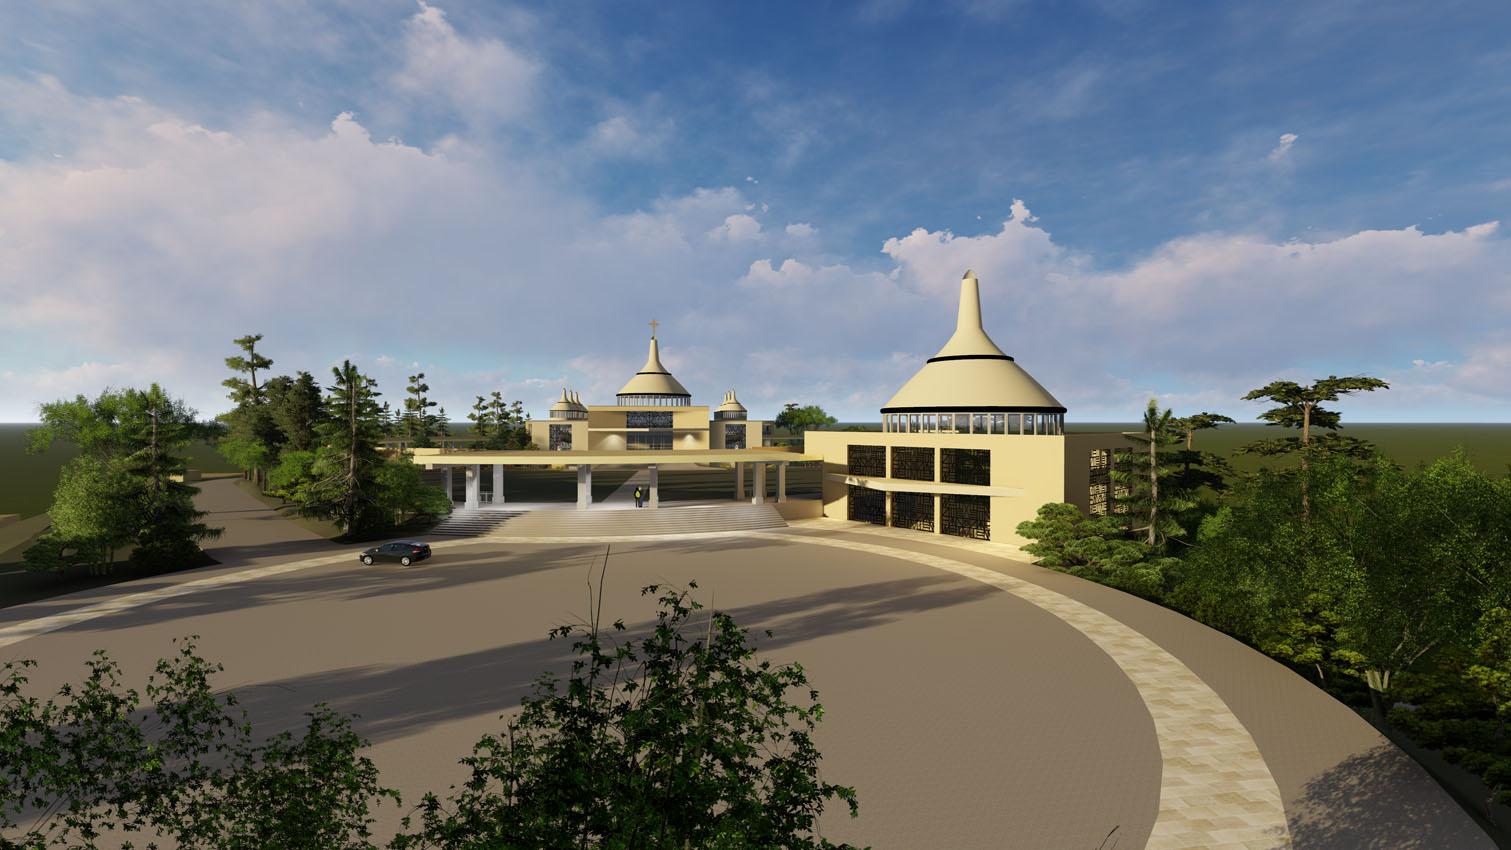 Basilica at Kibeho